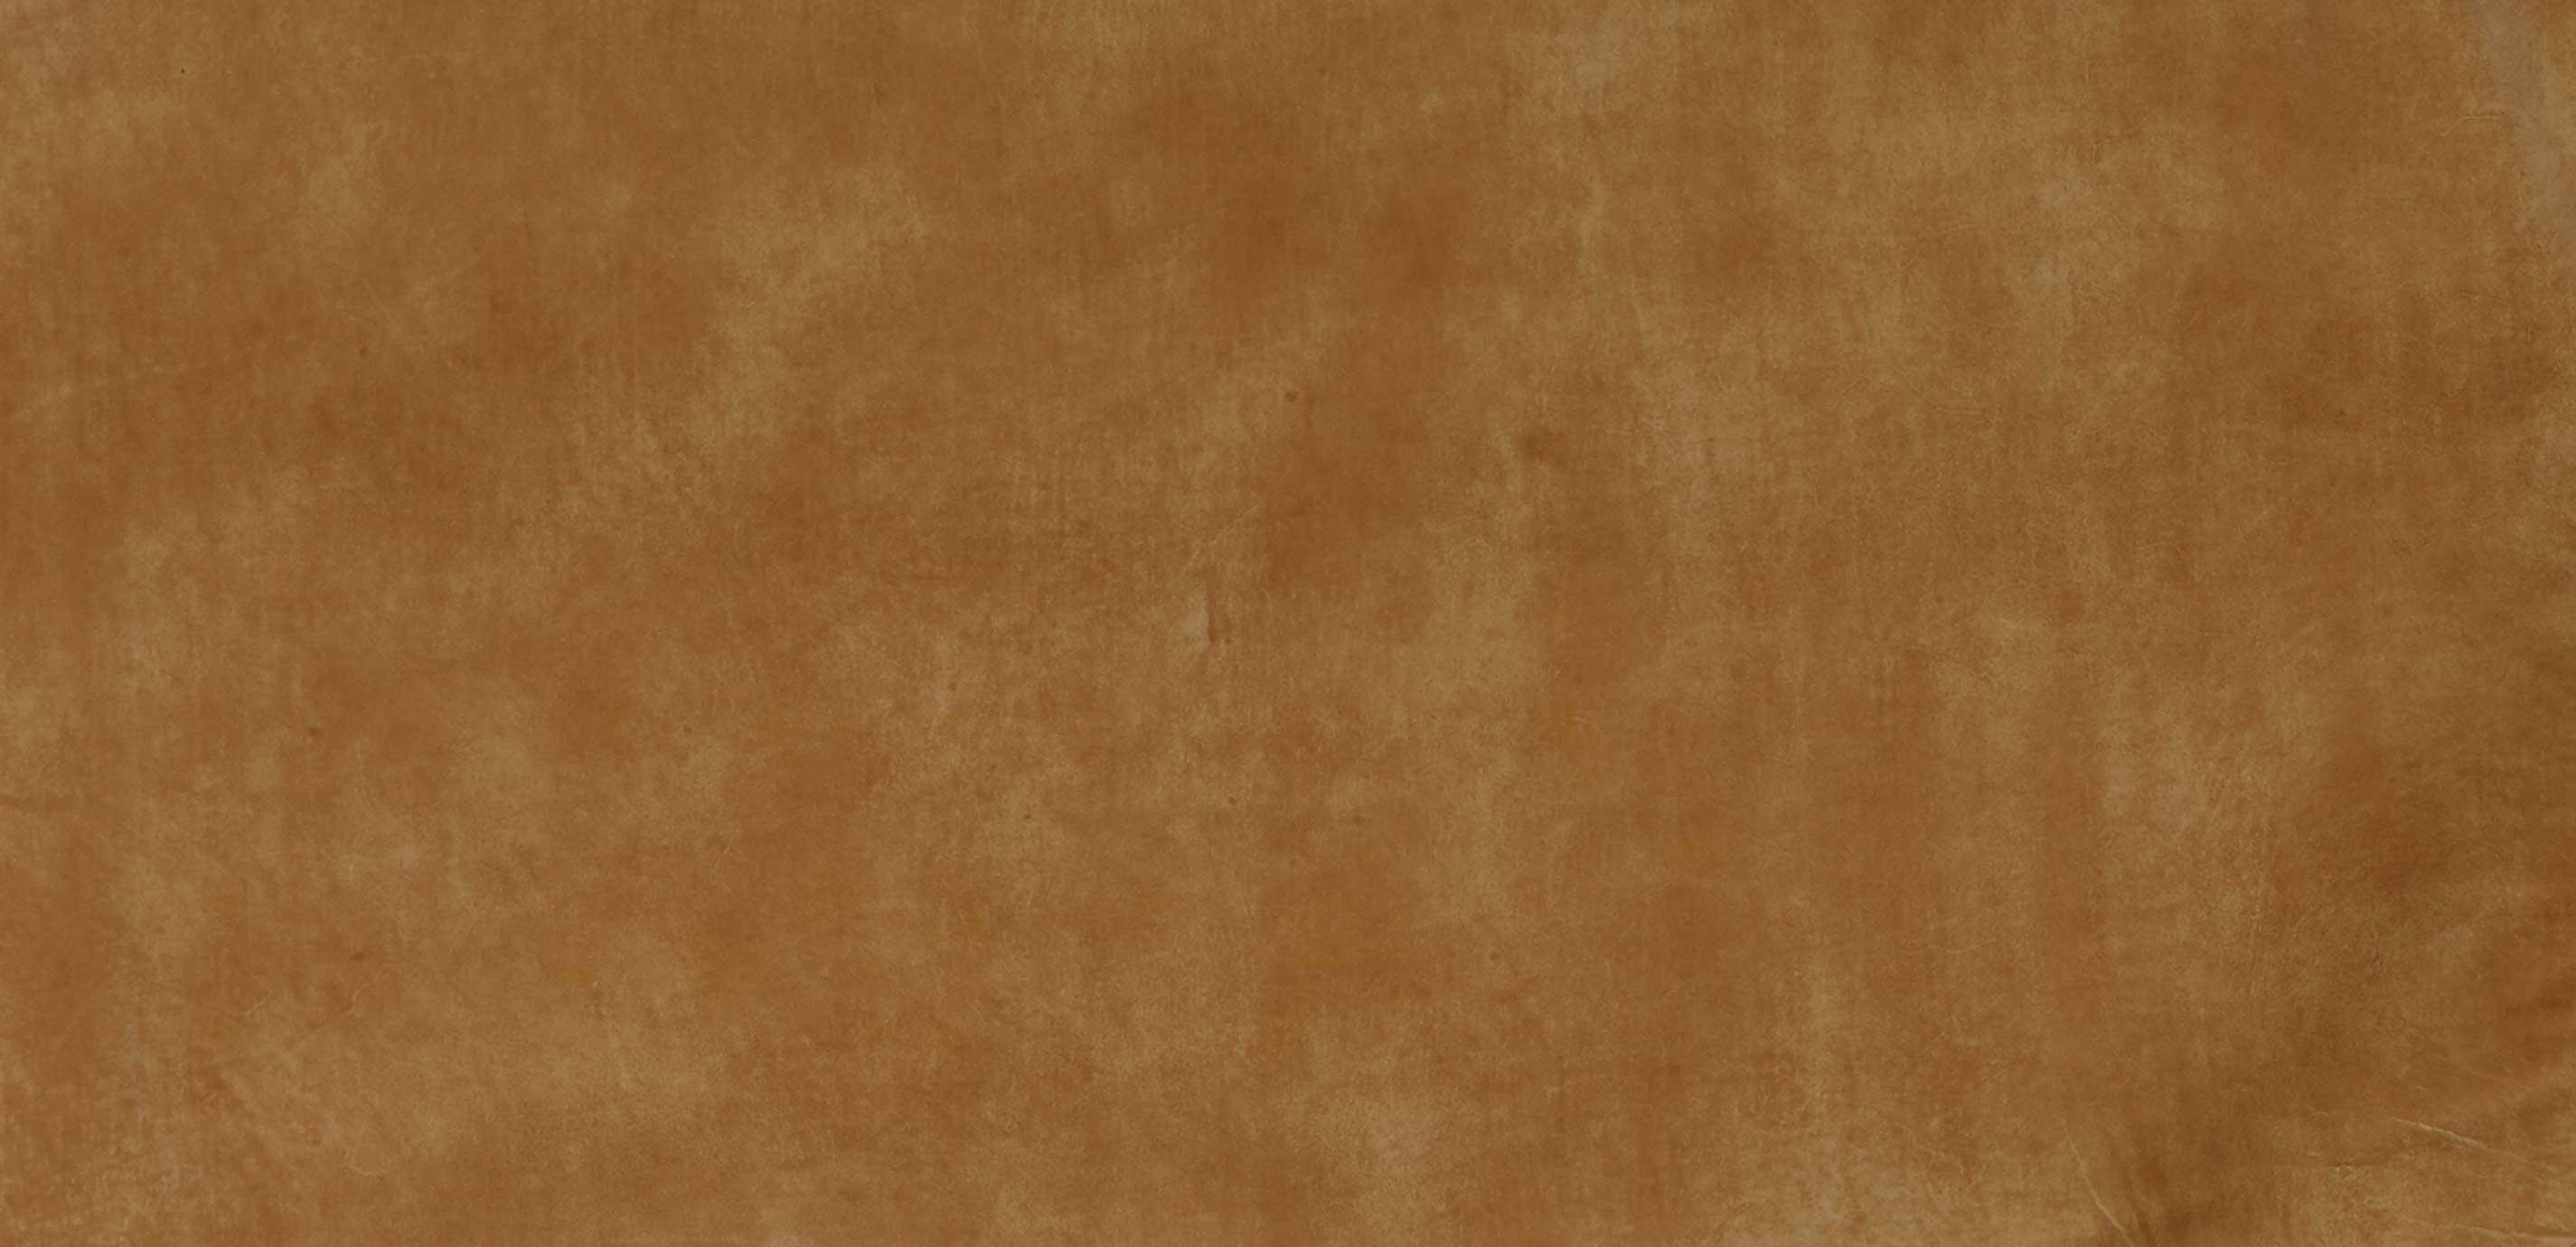 Maynard Camel Leather Swatch Ethan Allen